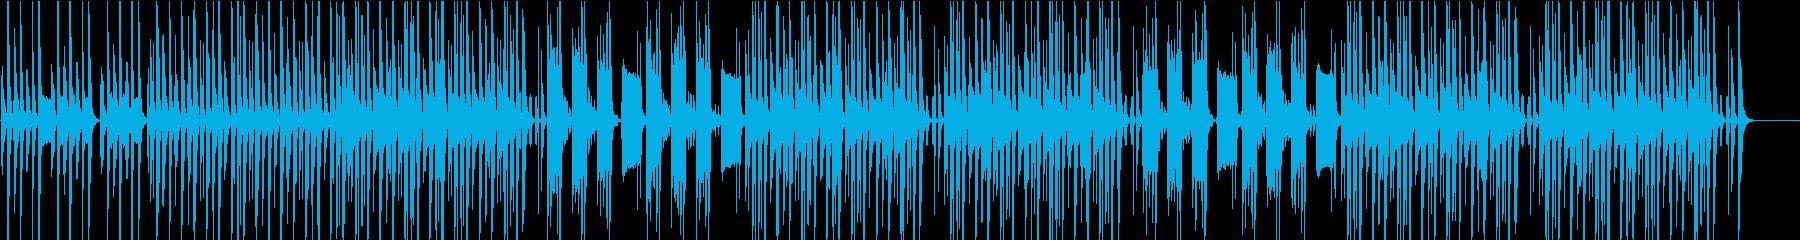 コミカル・ほのぼの・動物ハプニング映像の再生済みの波形